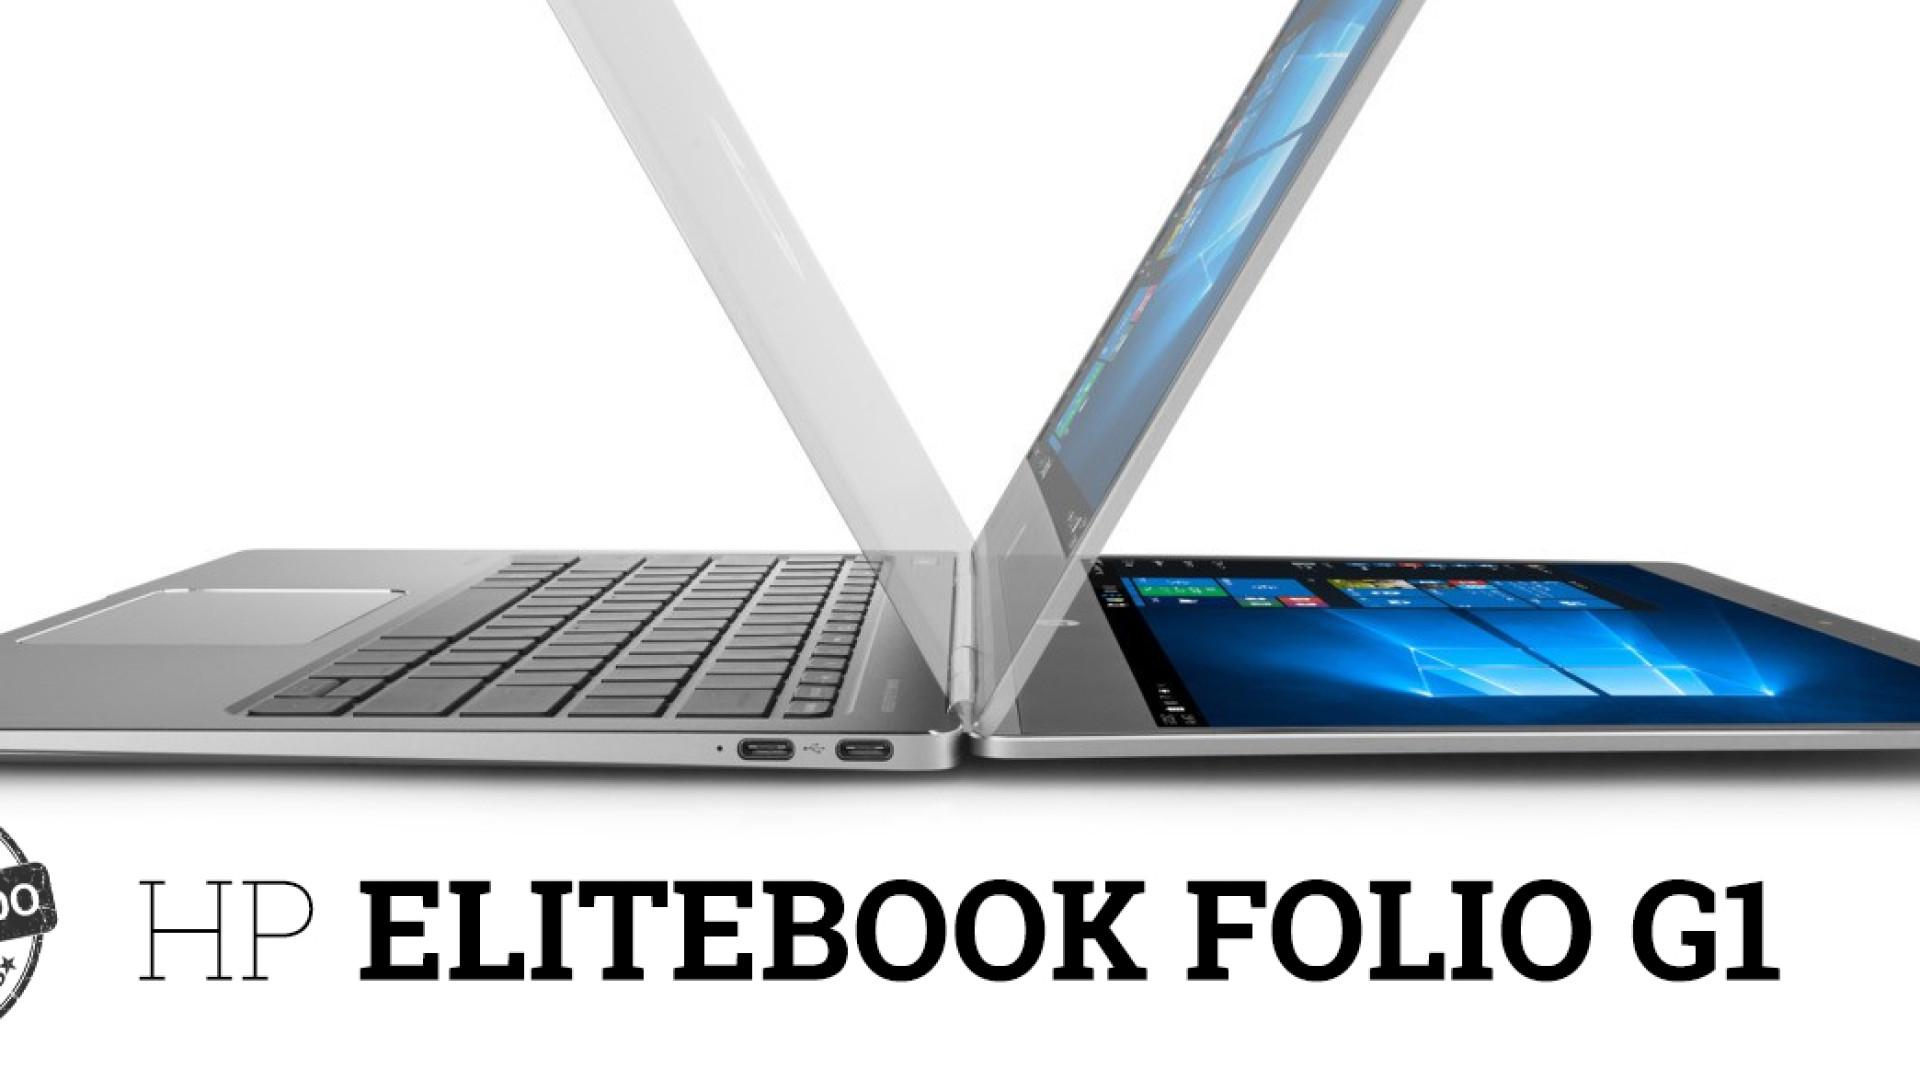 HP Elitebook Folio G1: A escolha certa para elegância e portabilidade